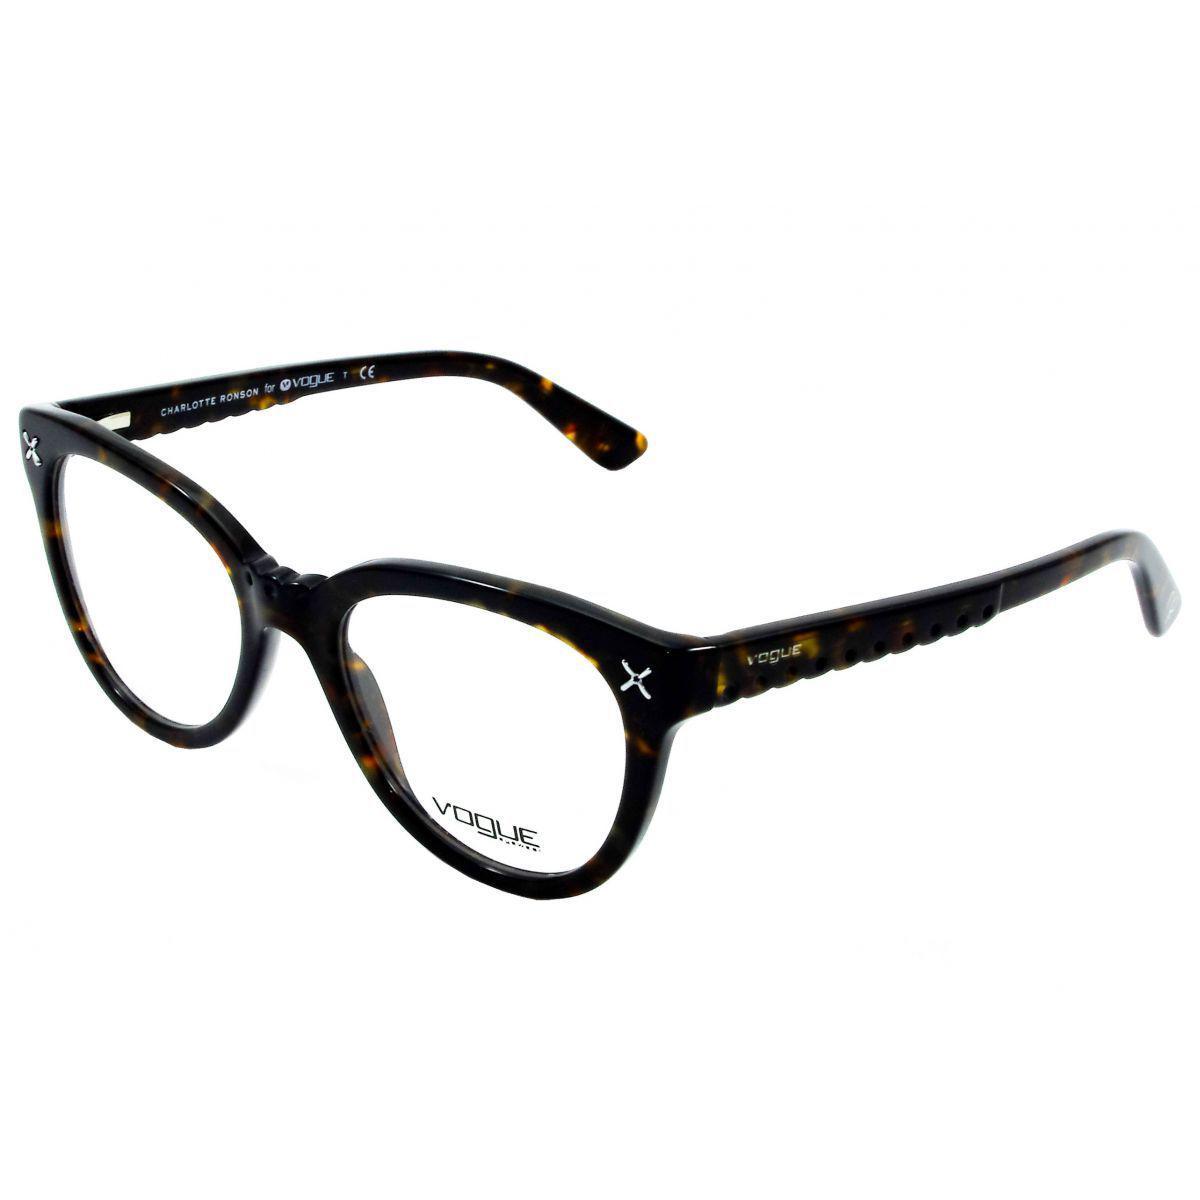 20cd4da2a85a4 Óculos De Grau Feminino Vogue VO2887 W656 Tam.51 - Vogue original - Óptica  - Magazine Luiza